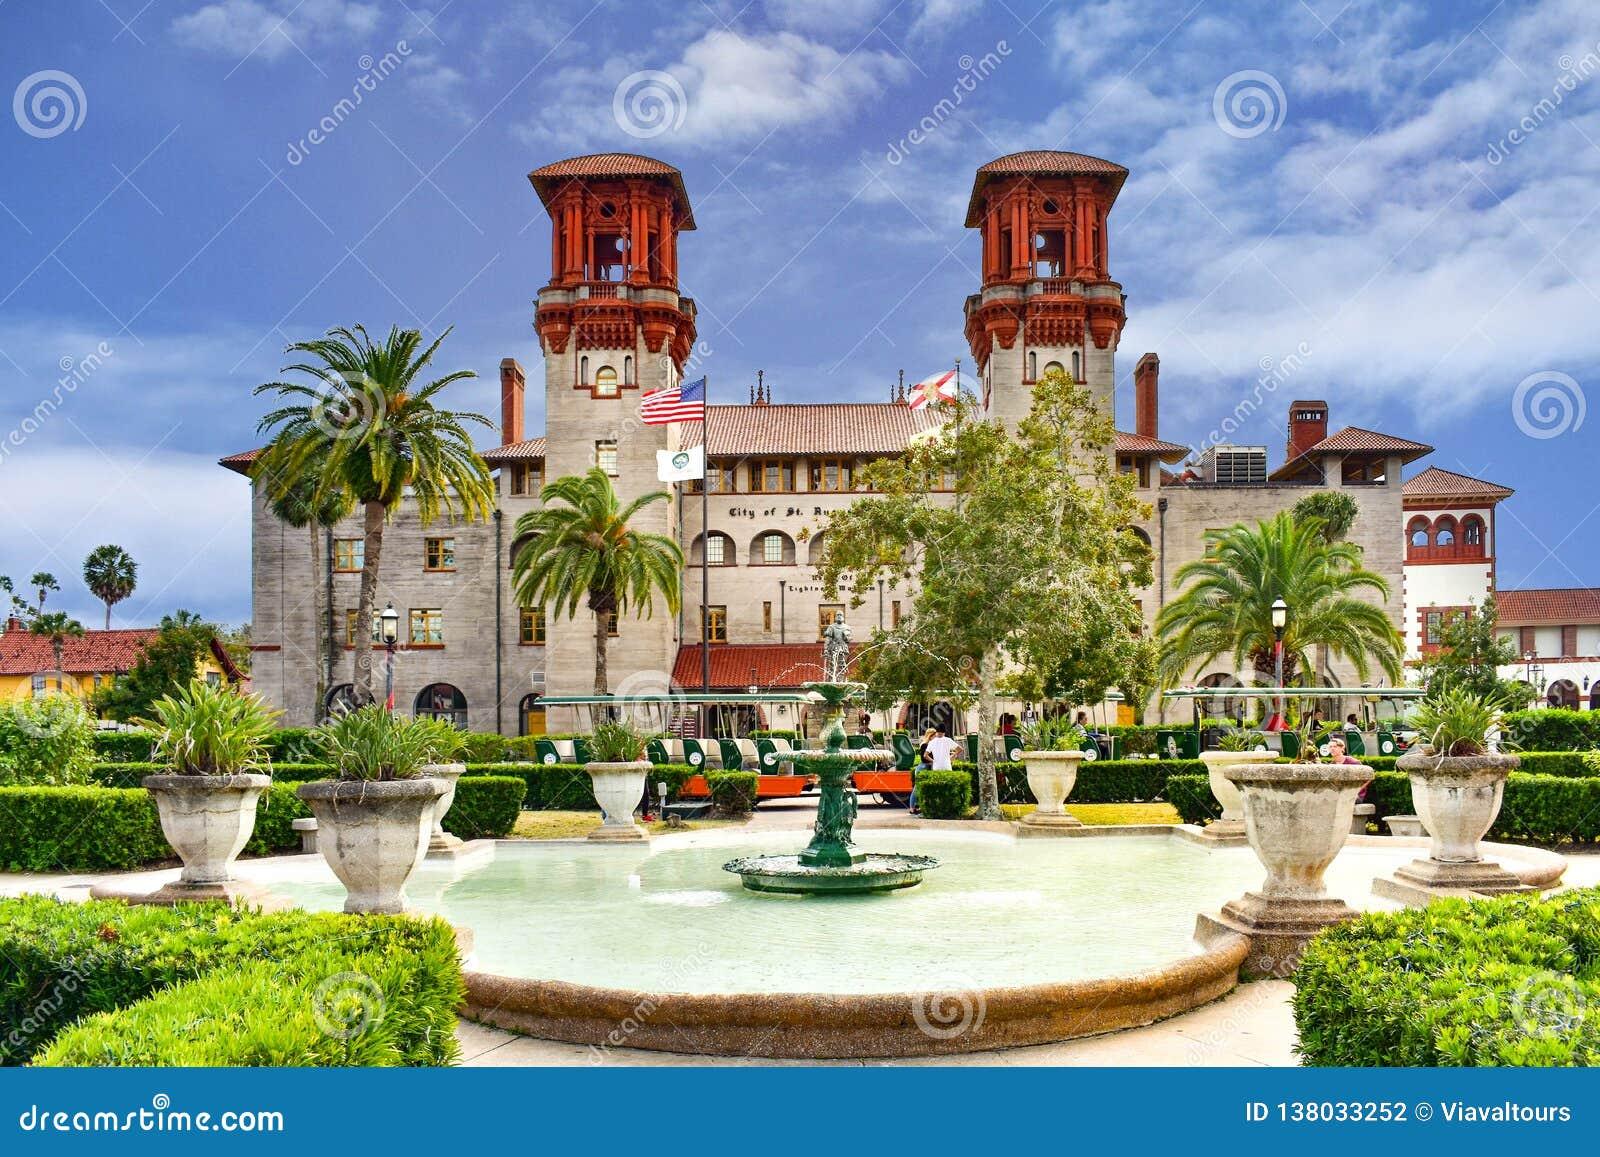 Museo di Lightner e bella fontana Il museo di Lightner è alloggiato nel precedente hotel di alcazar costruito nel 1888 da Henry F